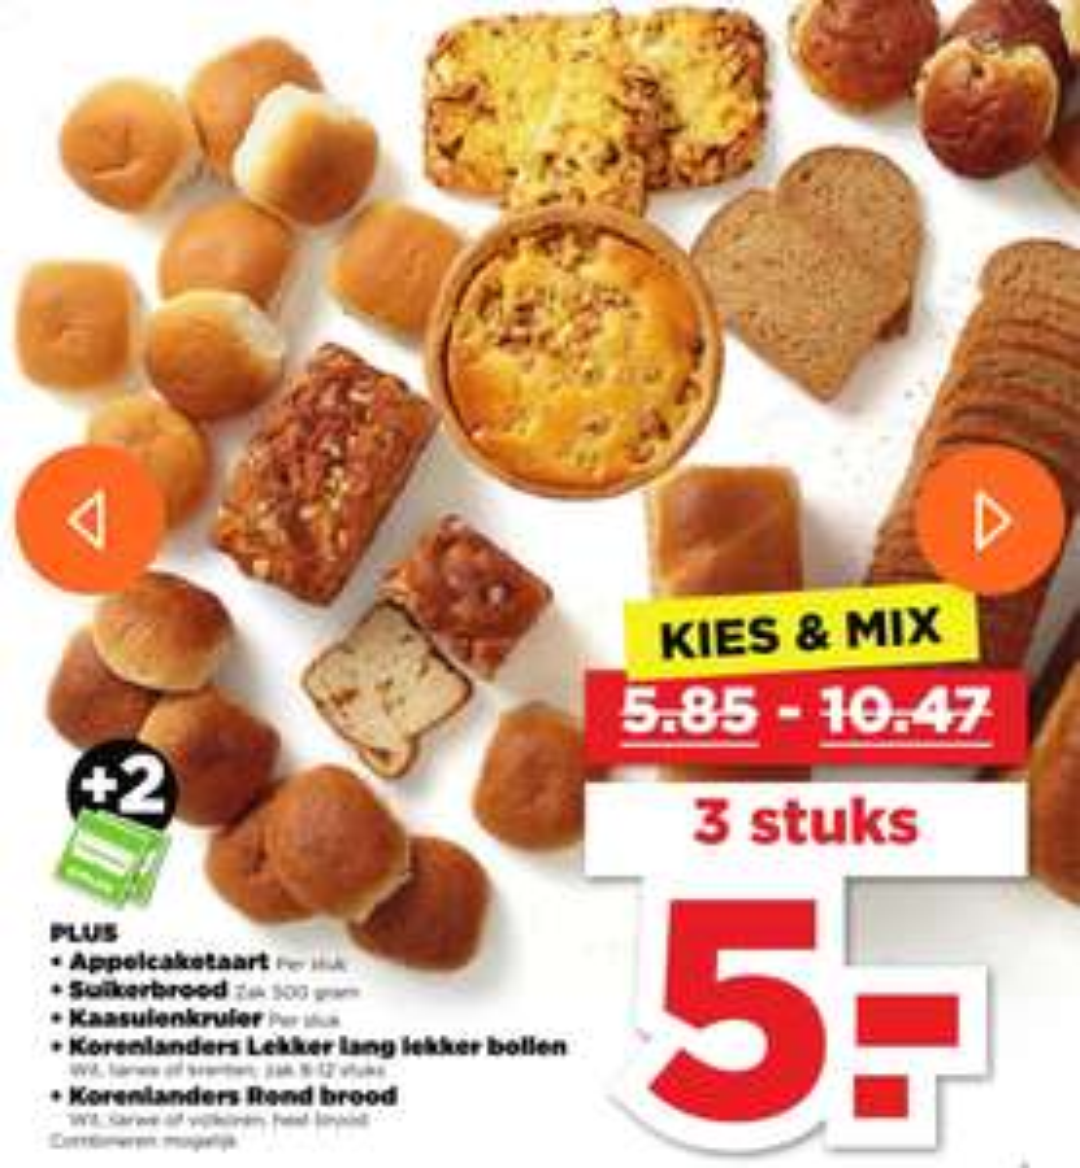 3 appelcaketaartjes voor €5 bij Plus (ipv €10,47)